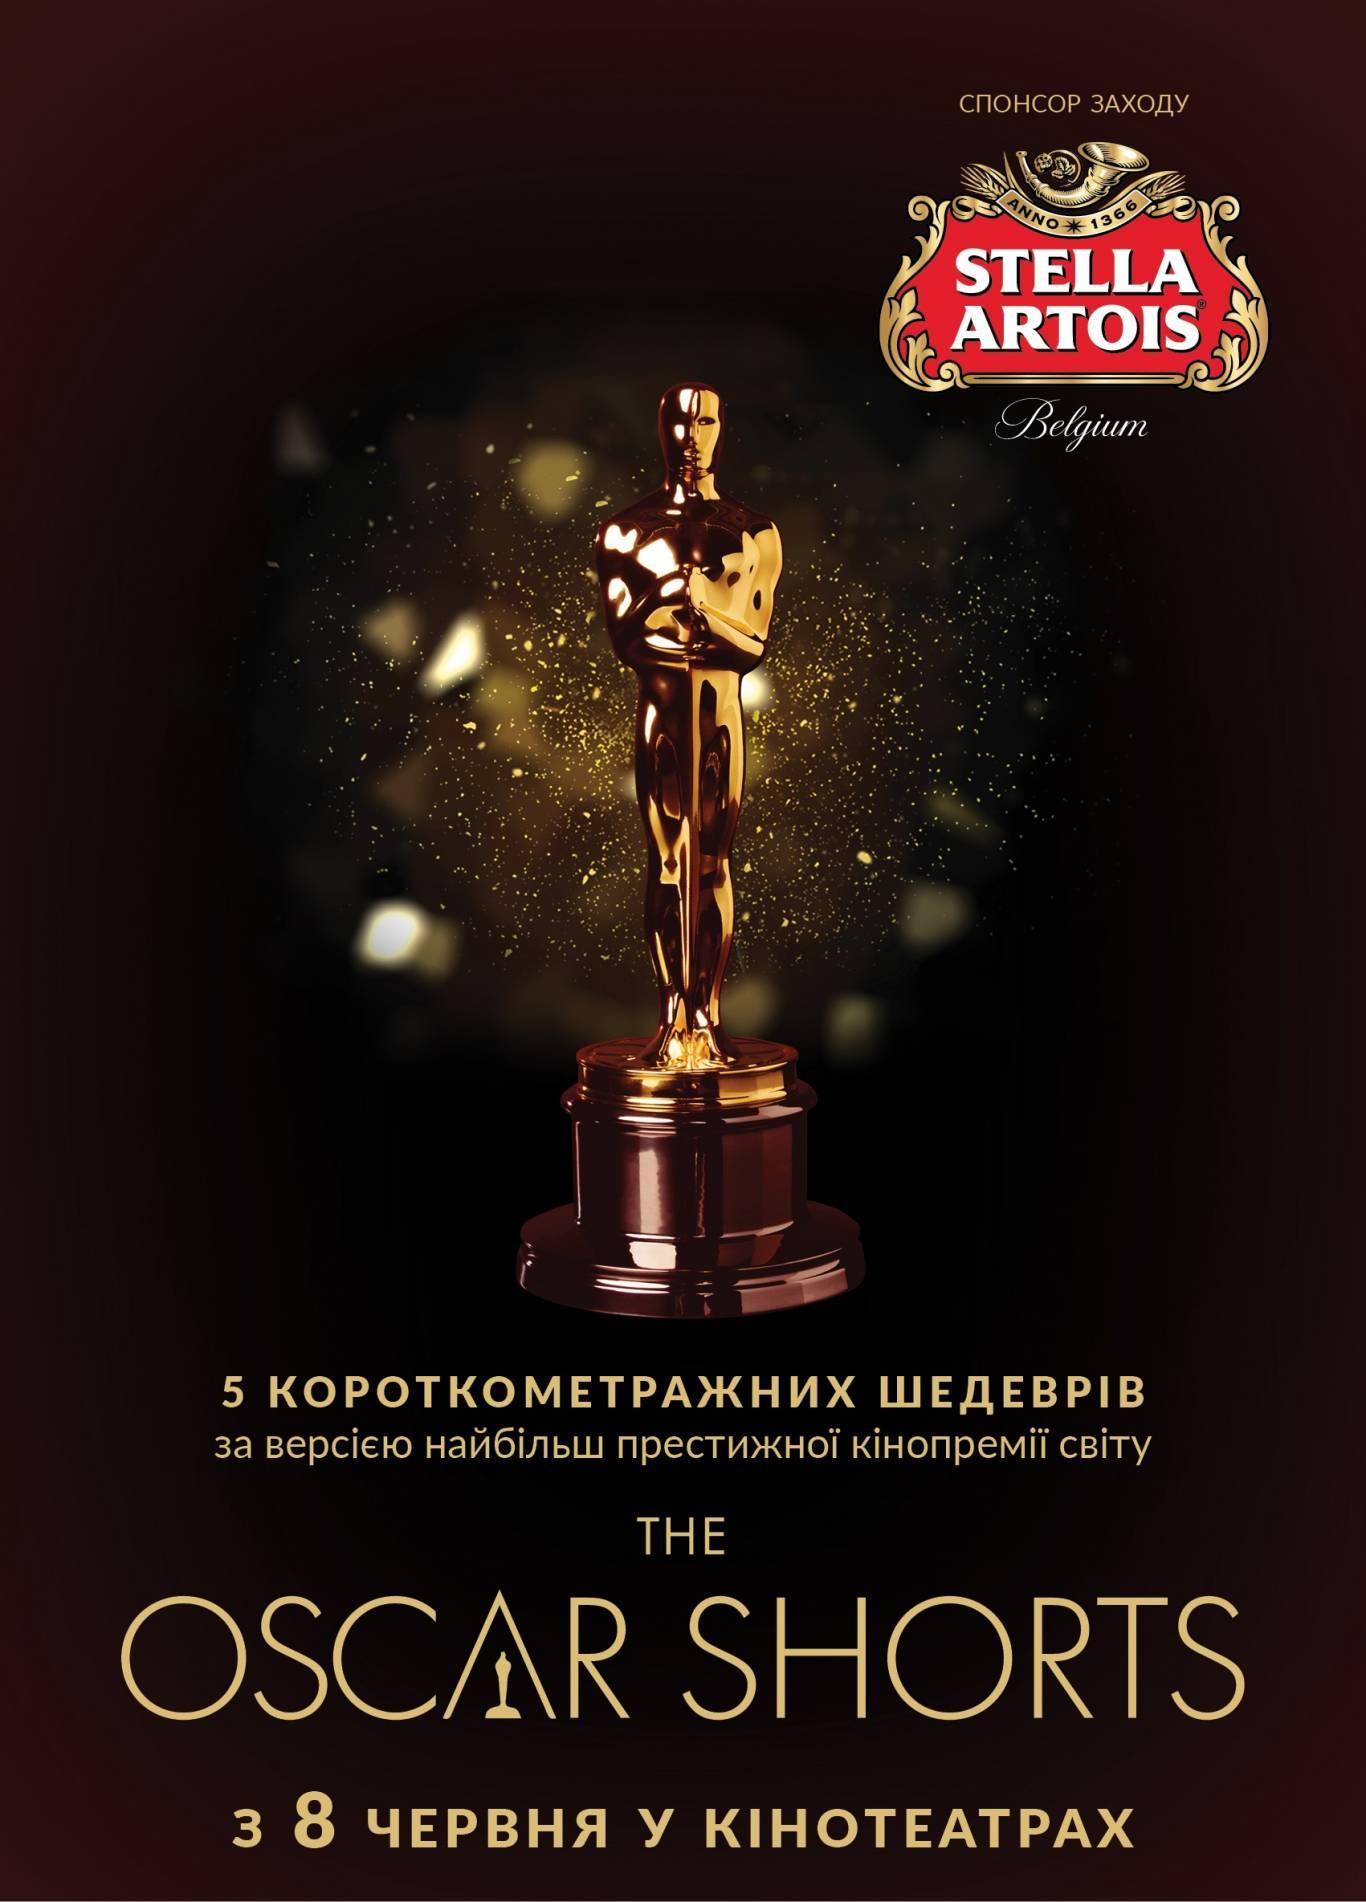 Фестиваль короткометражок Oscar Shorts-2017